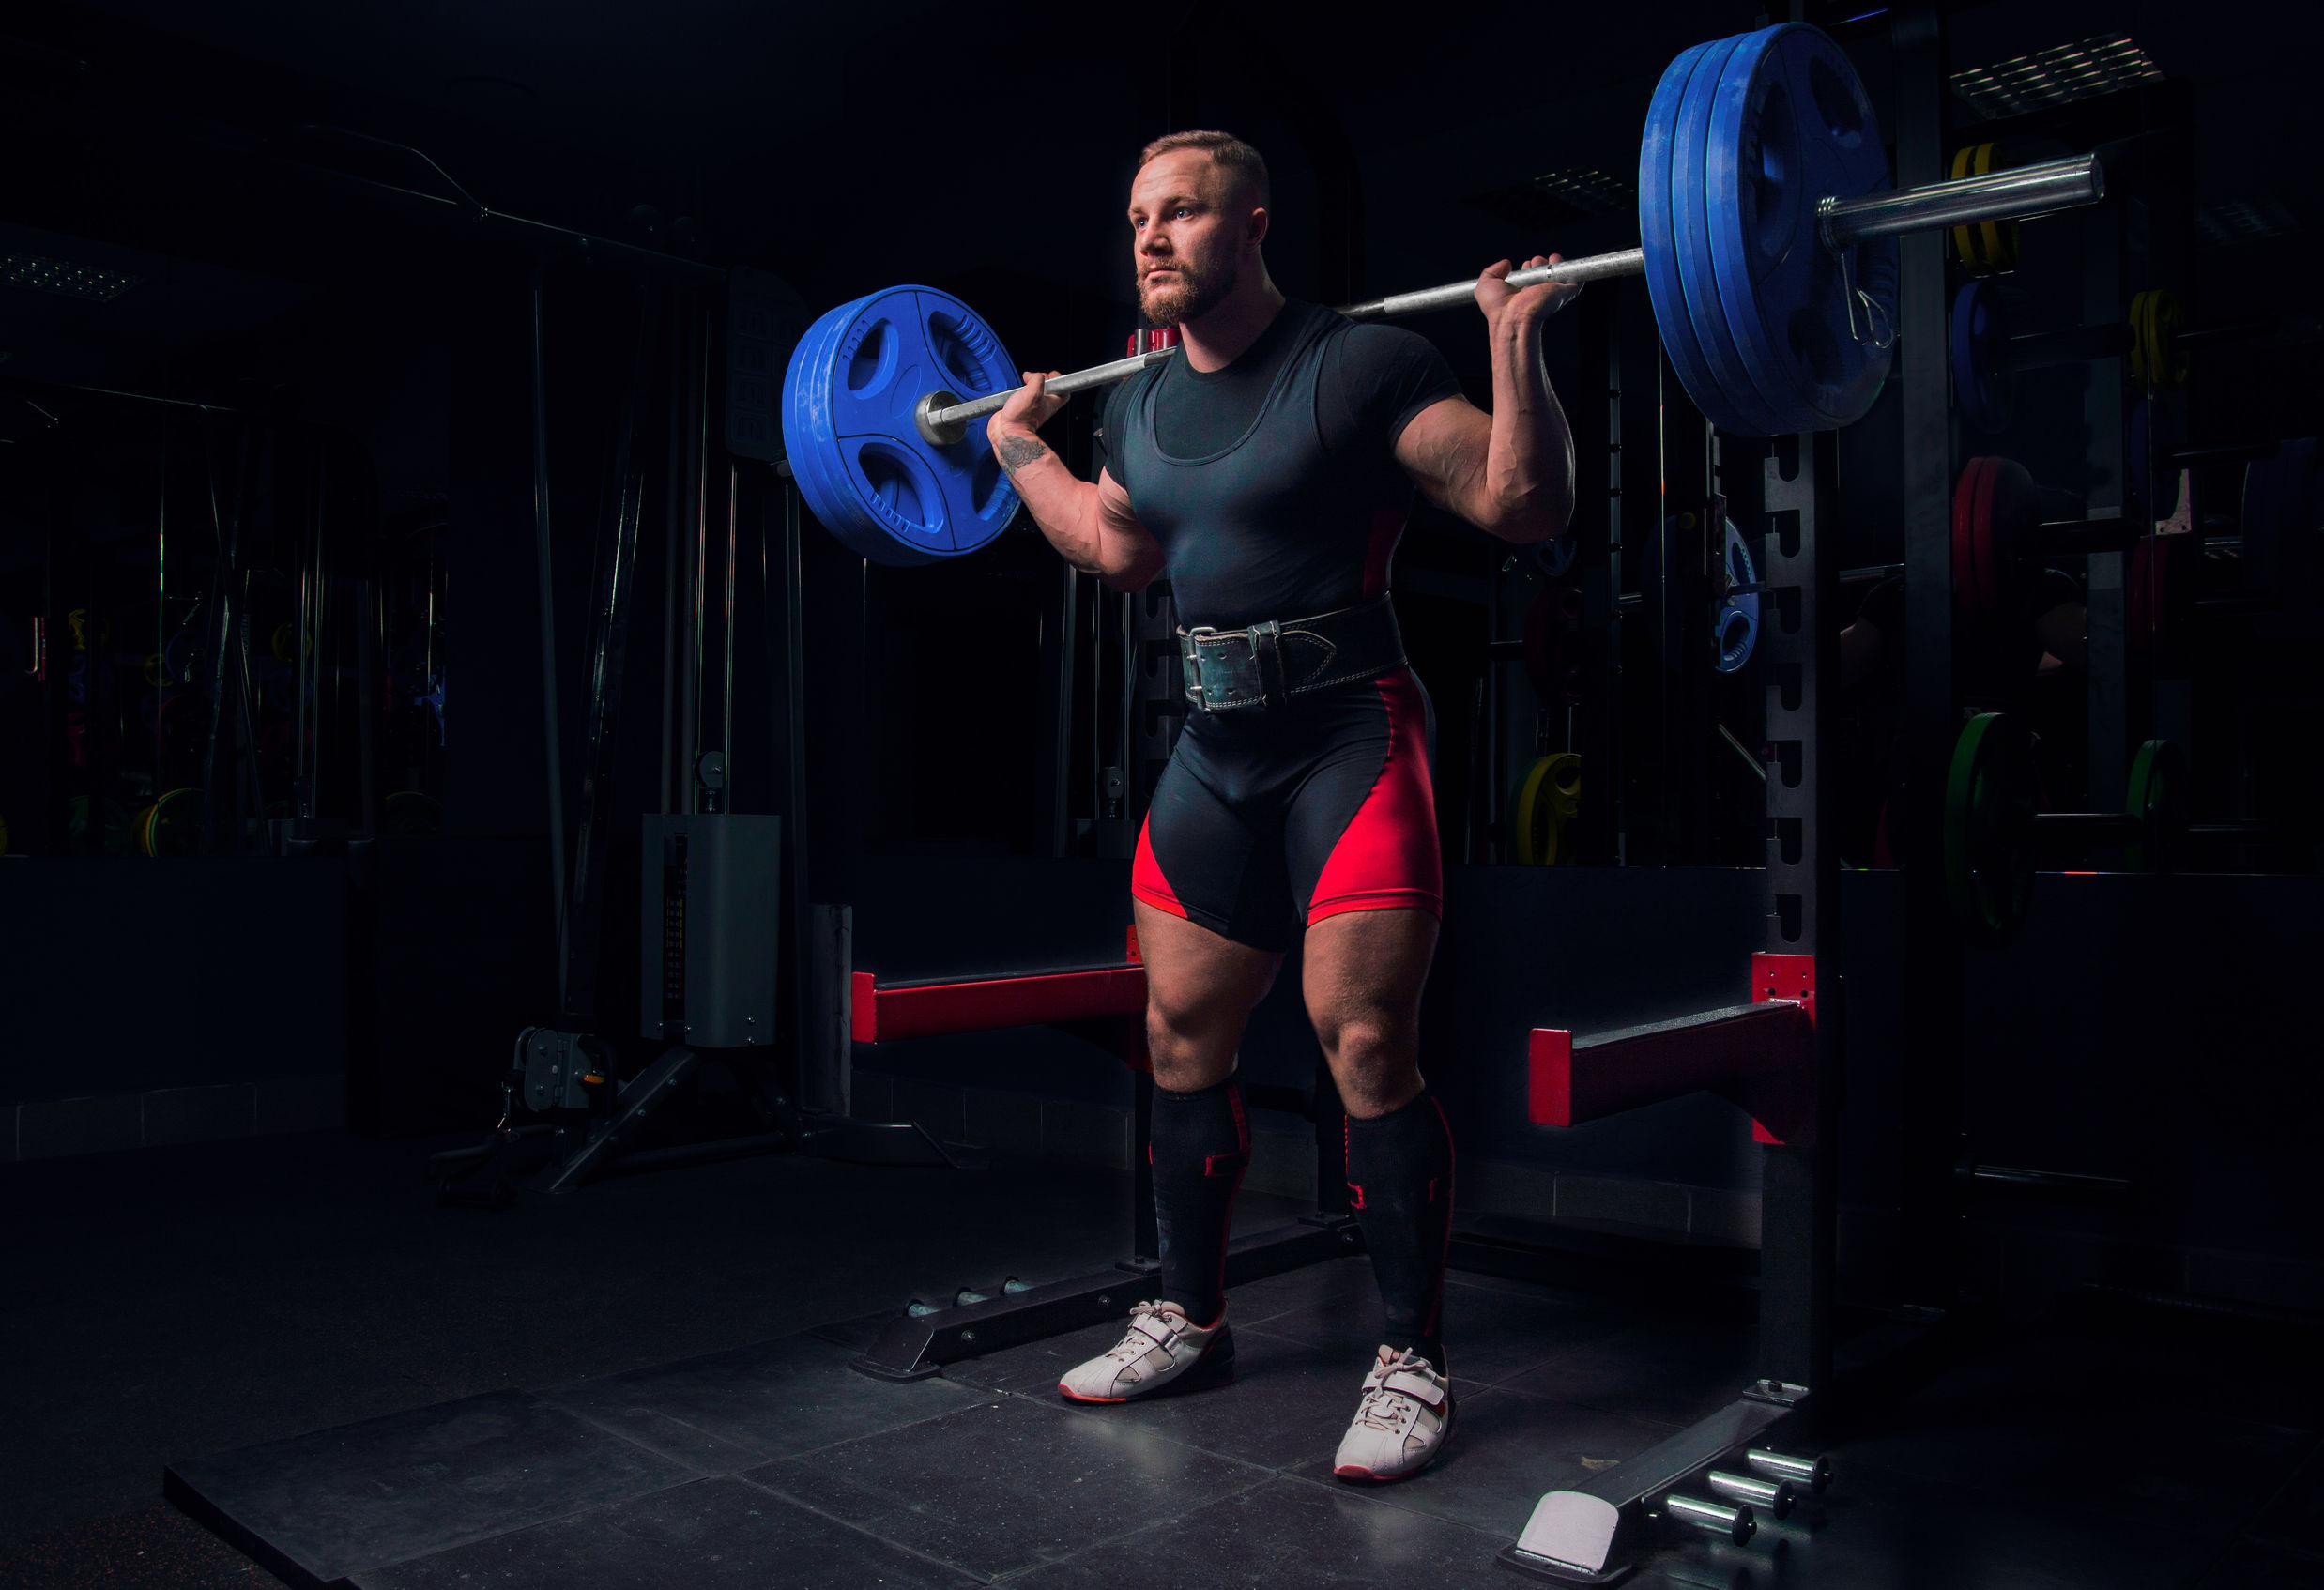 Atleta profesional hace sentadillas con una barra en el gimnasio